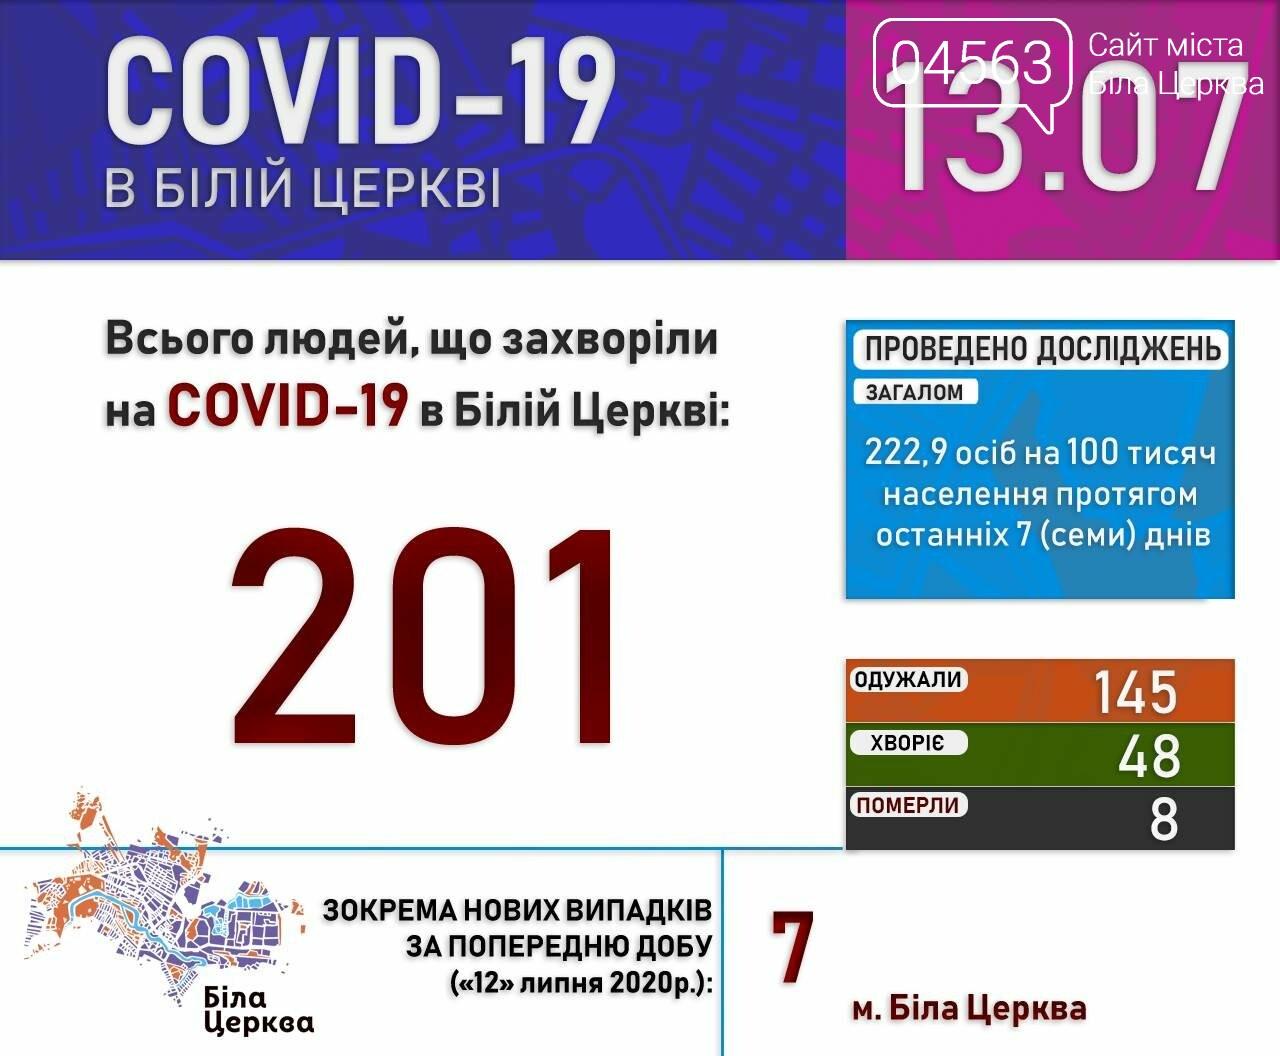 Поточна ситуація в Білій Церкві щодо кількості хворих на COVID-19 на 13.07.2020 року, фото-1